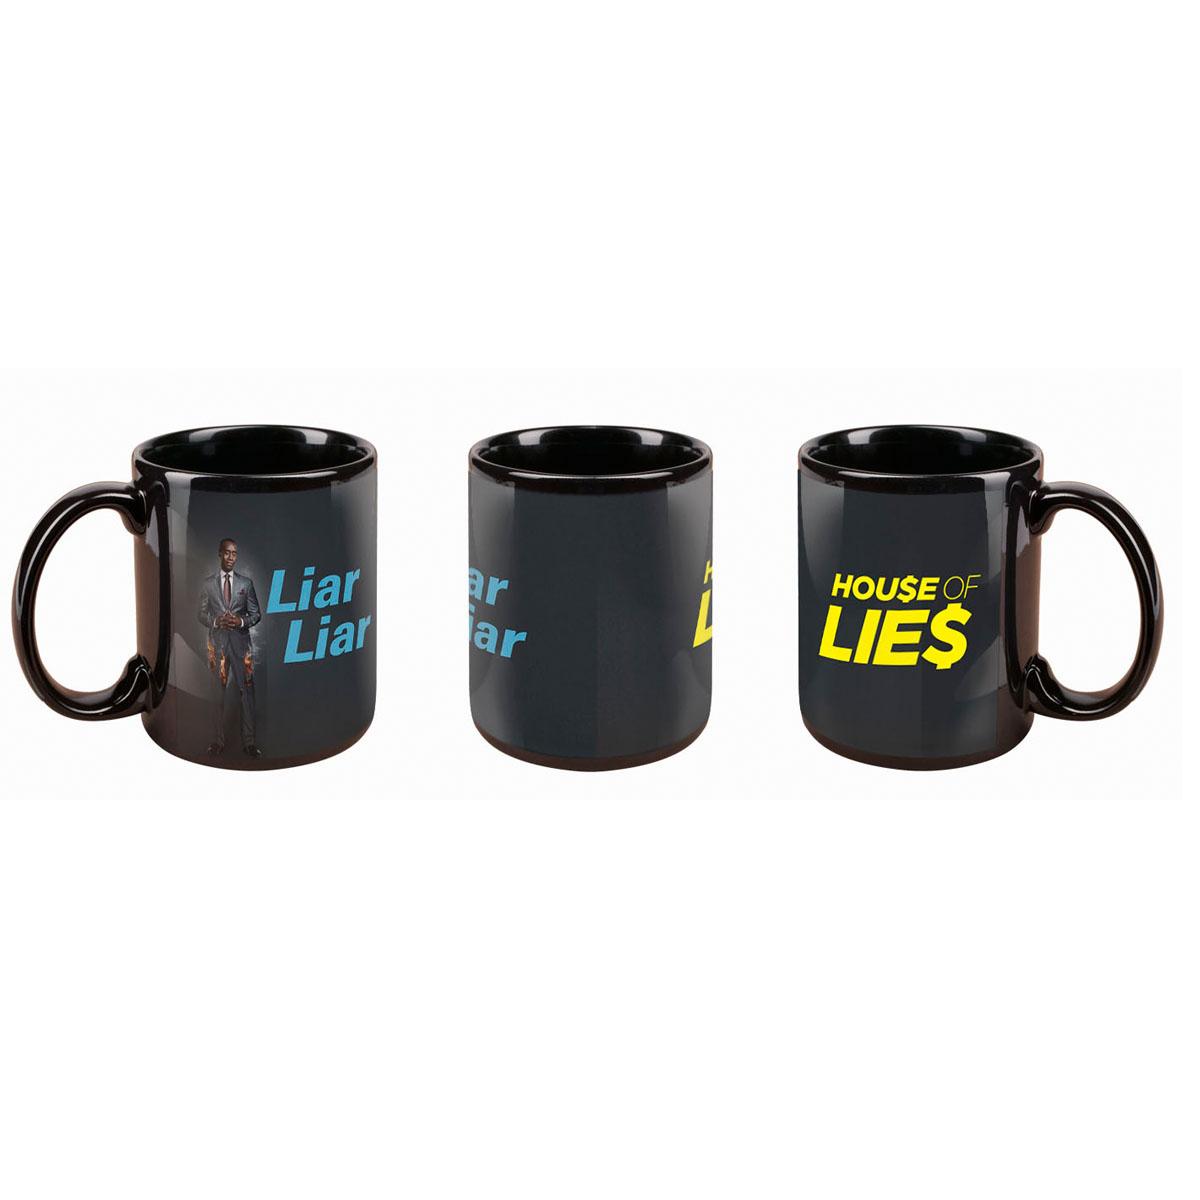 House of Lies Liar Liar Mug